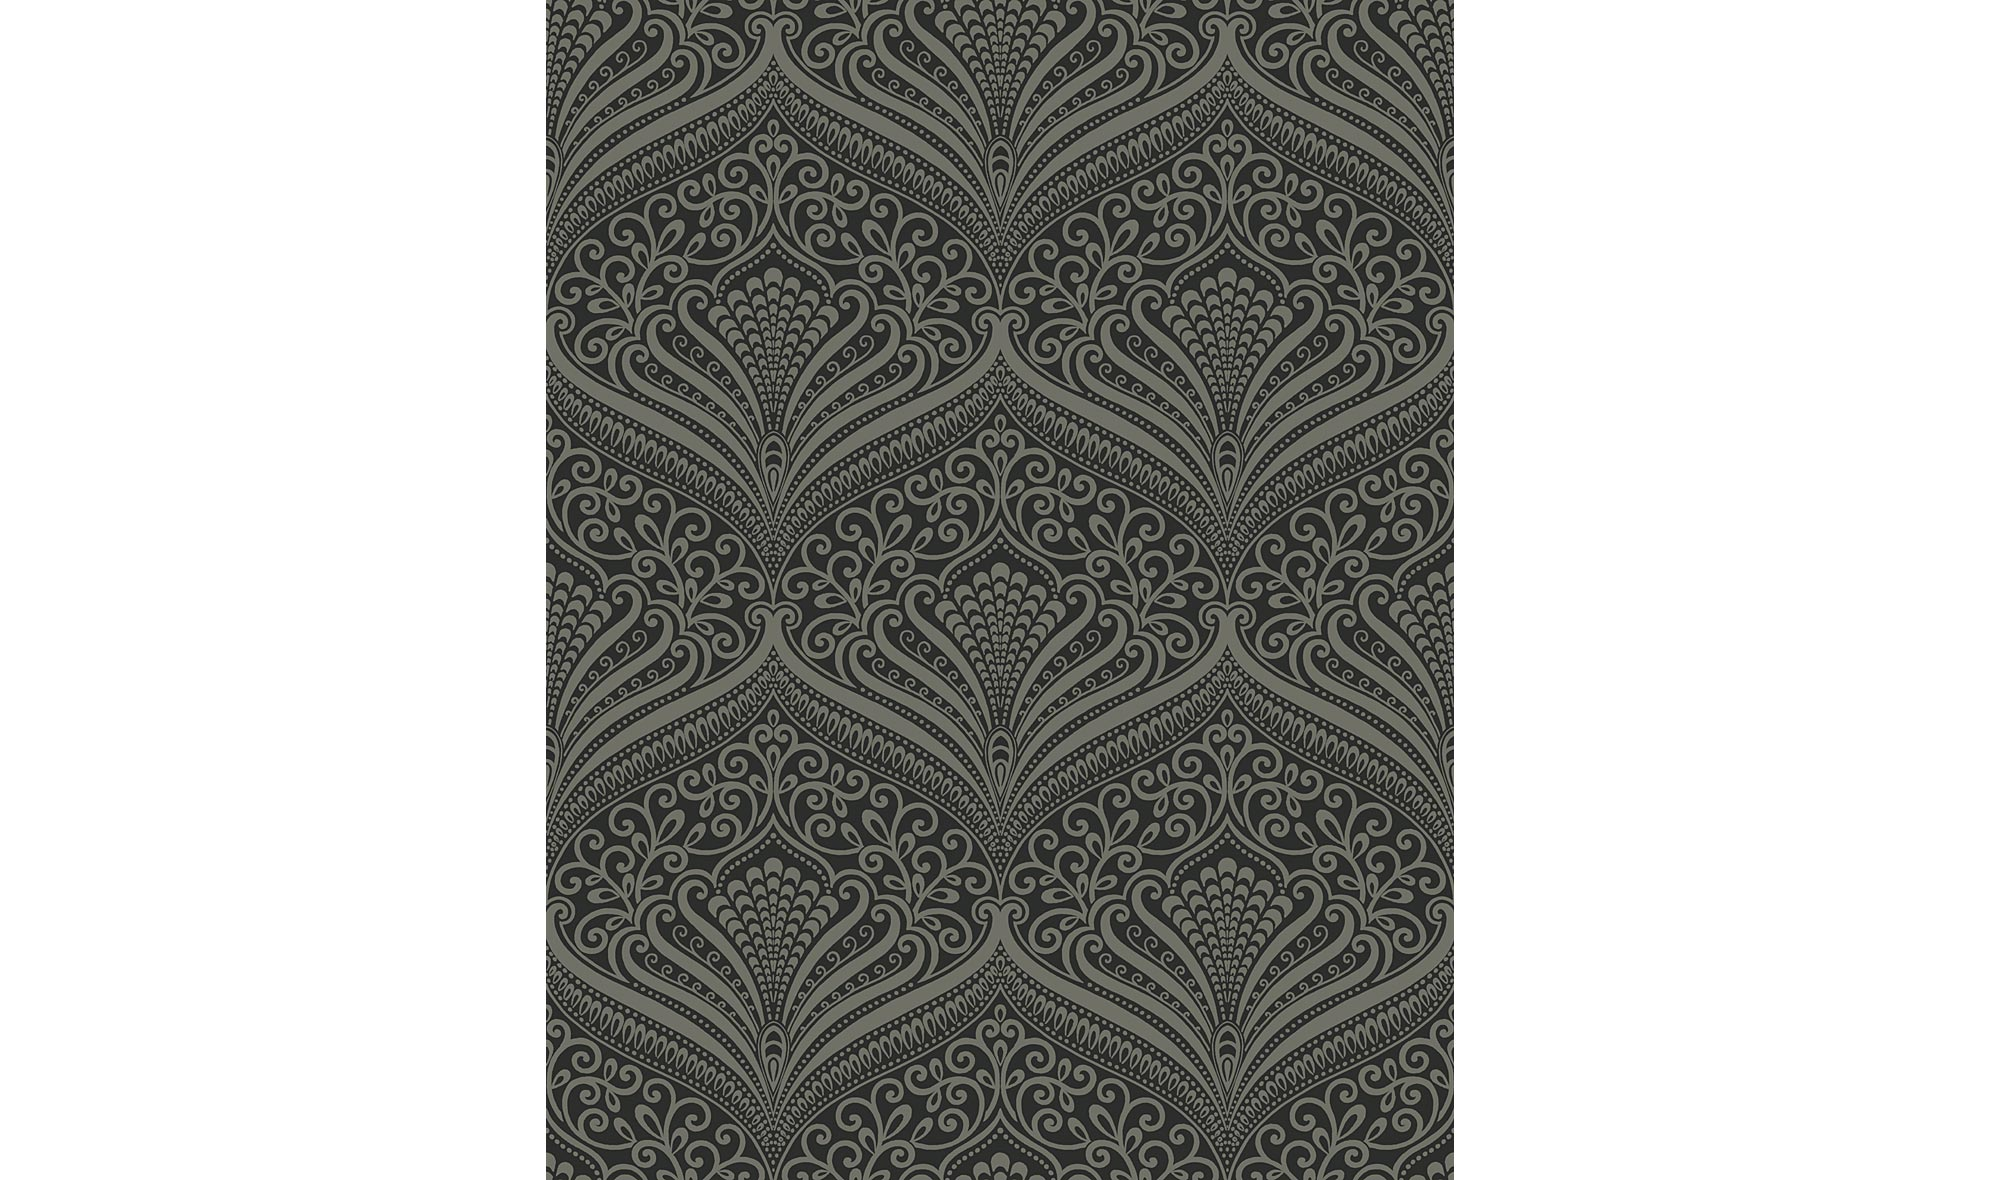 Rollo de papel pintado geom trico oscuro en - Papel pintado para muebles ...